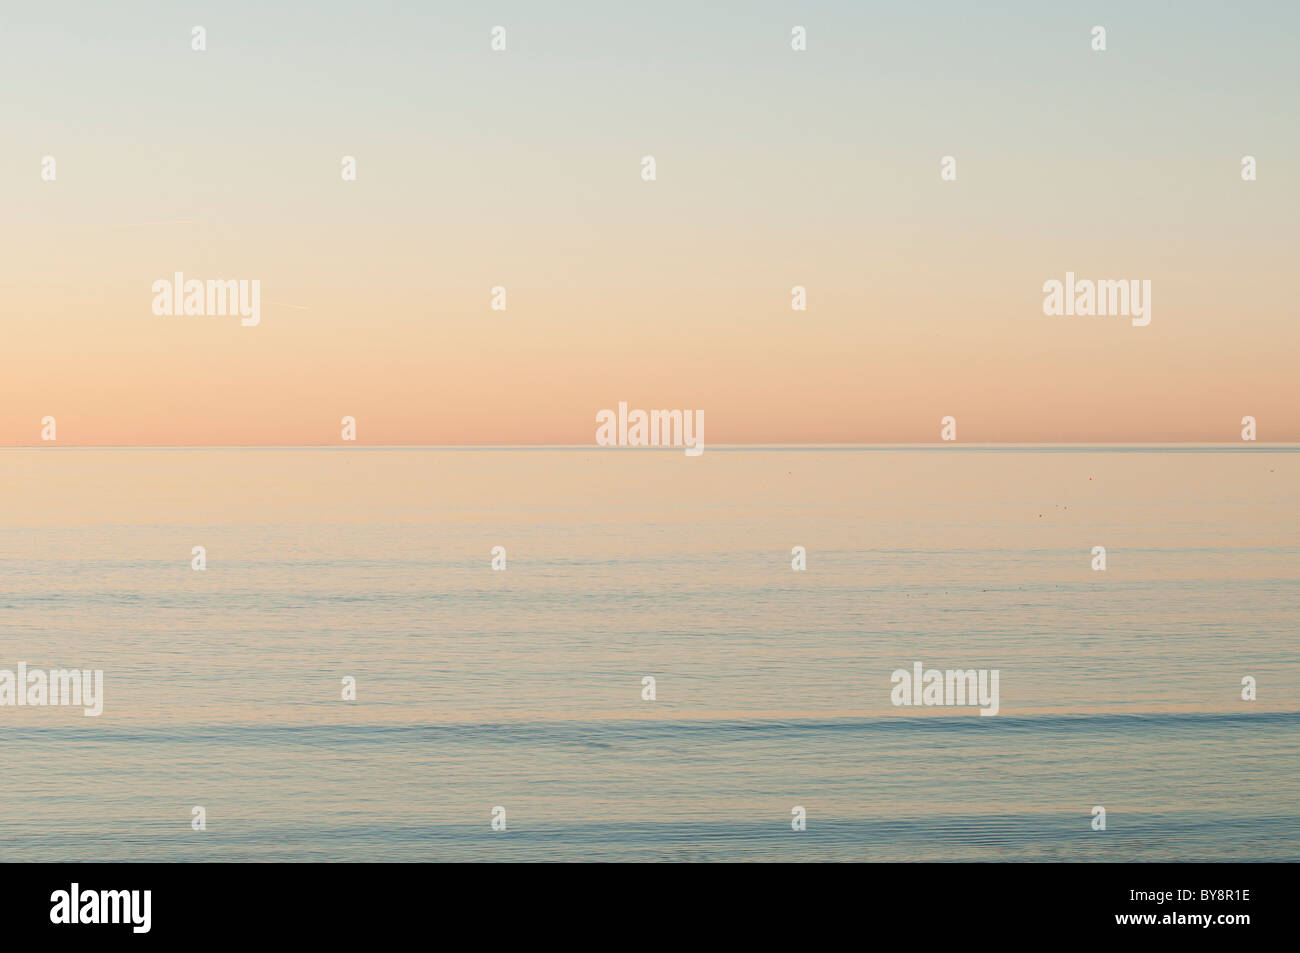 Un appartamento mare calmo al tramonto - Cardigan Bay west wales UK Immagini Stock